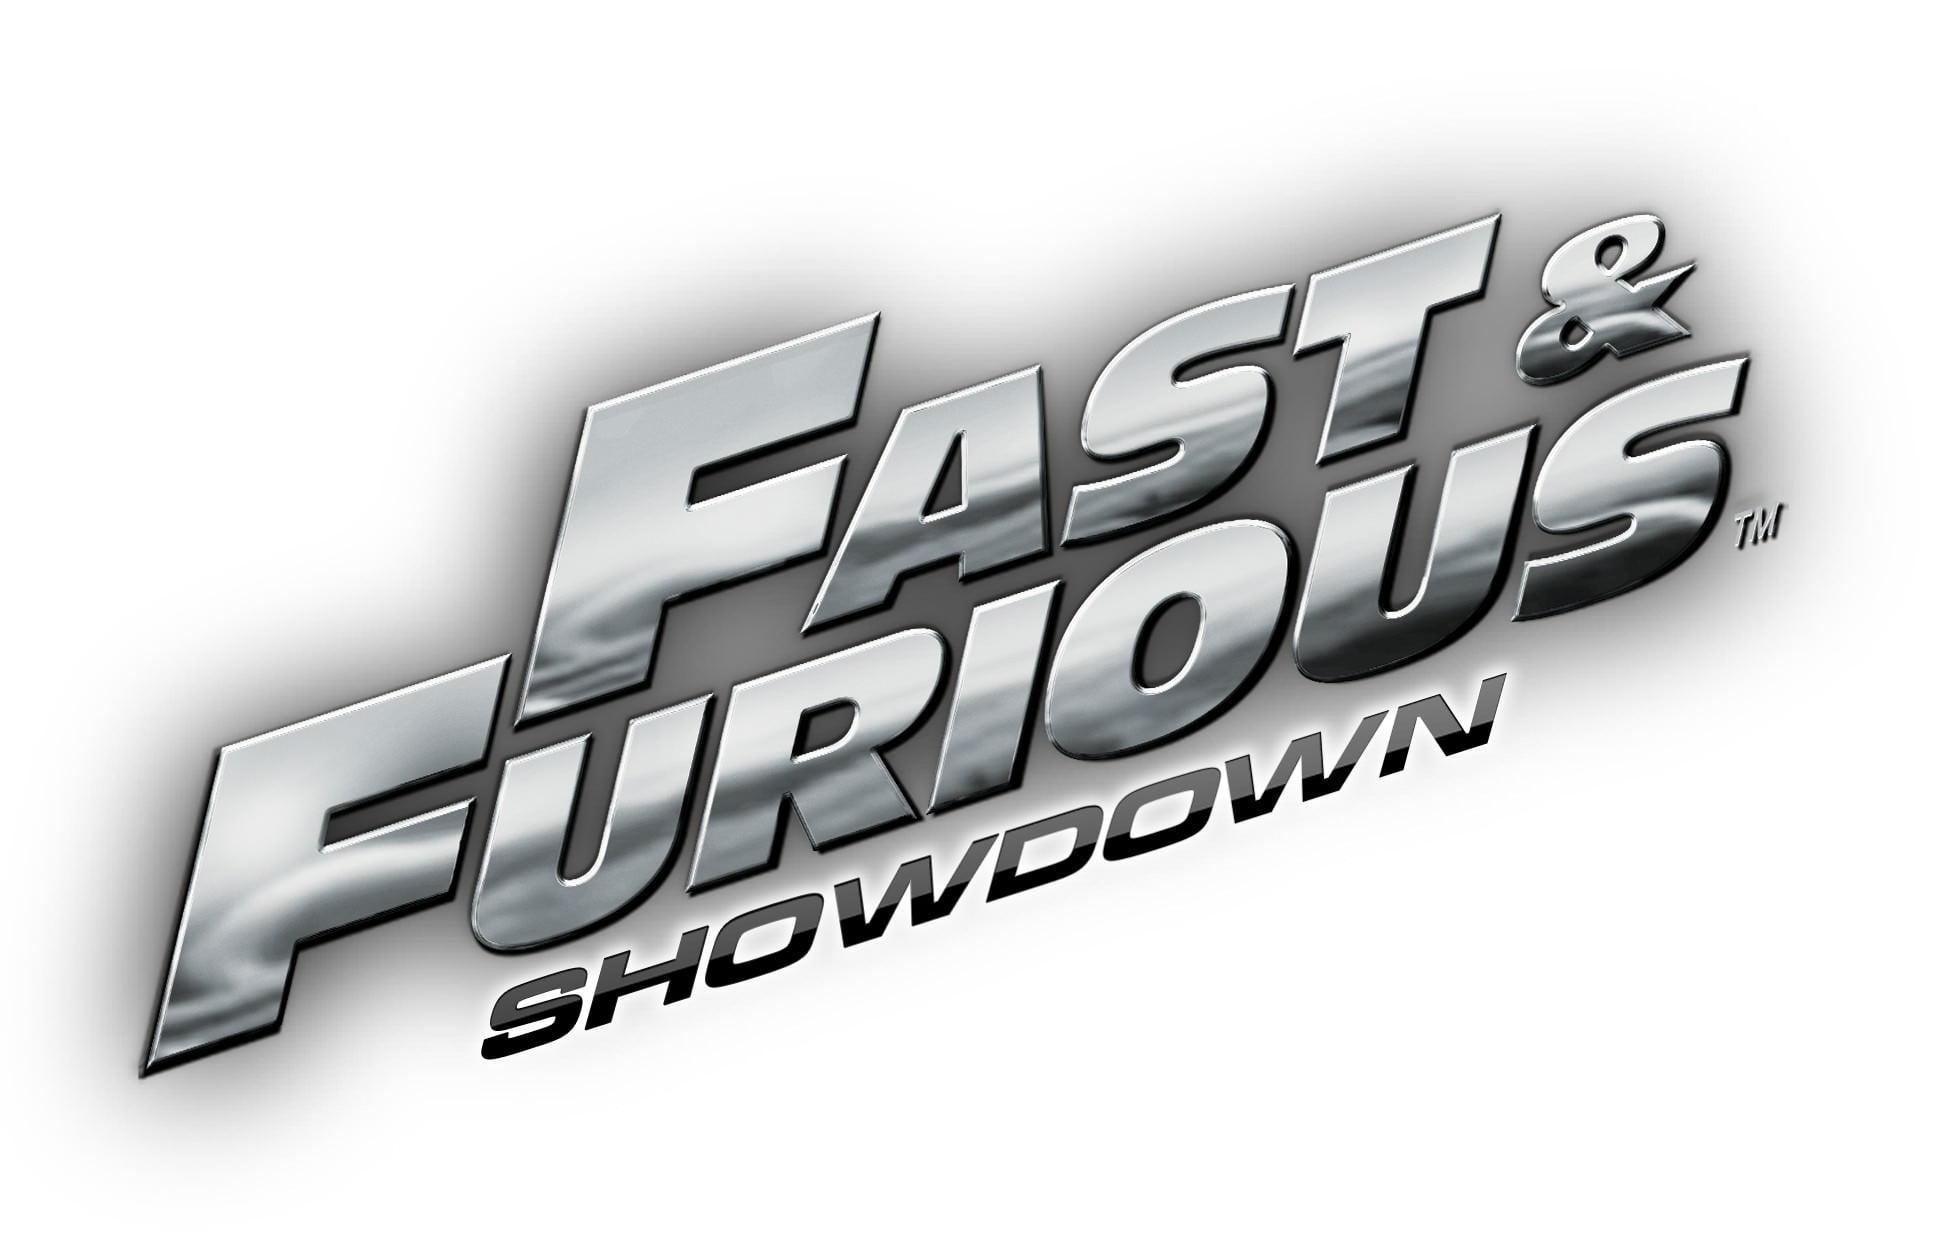 Fastfuriousshowdownlogo